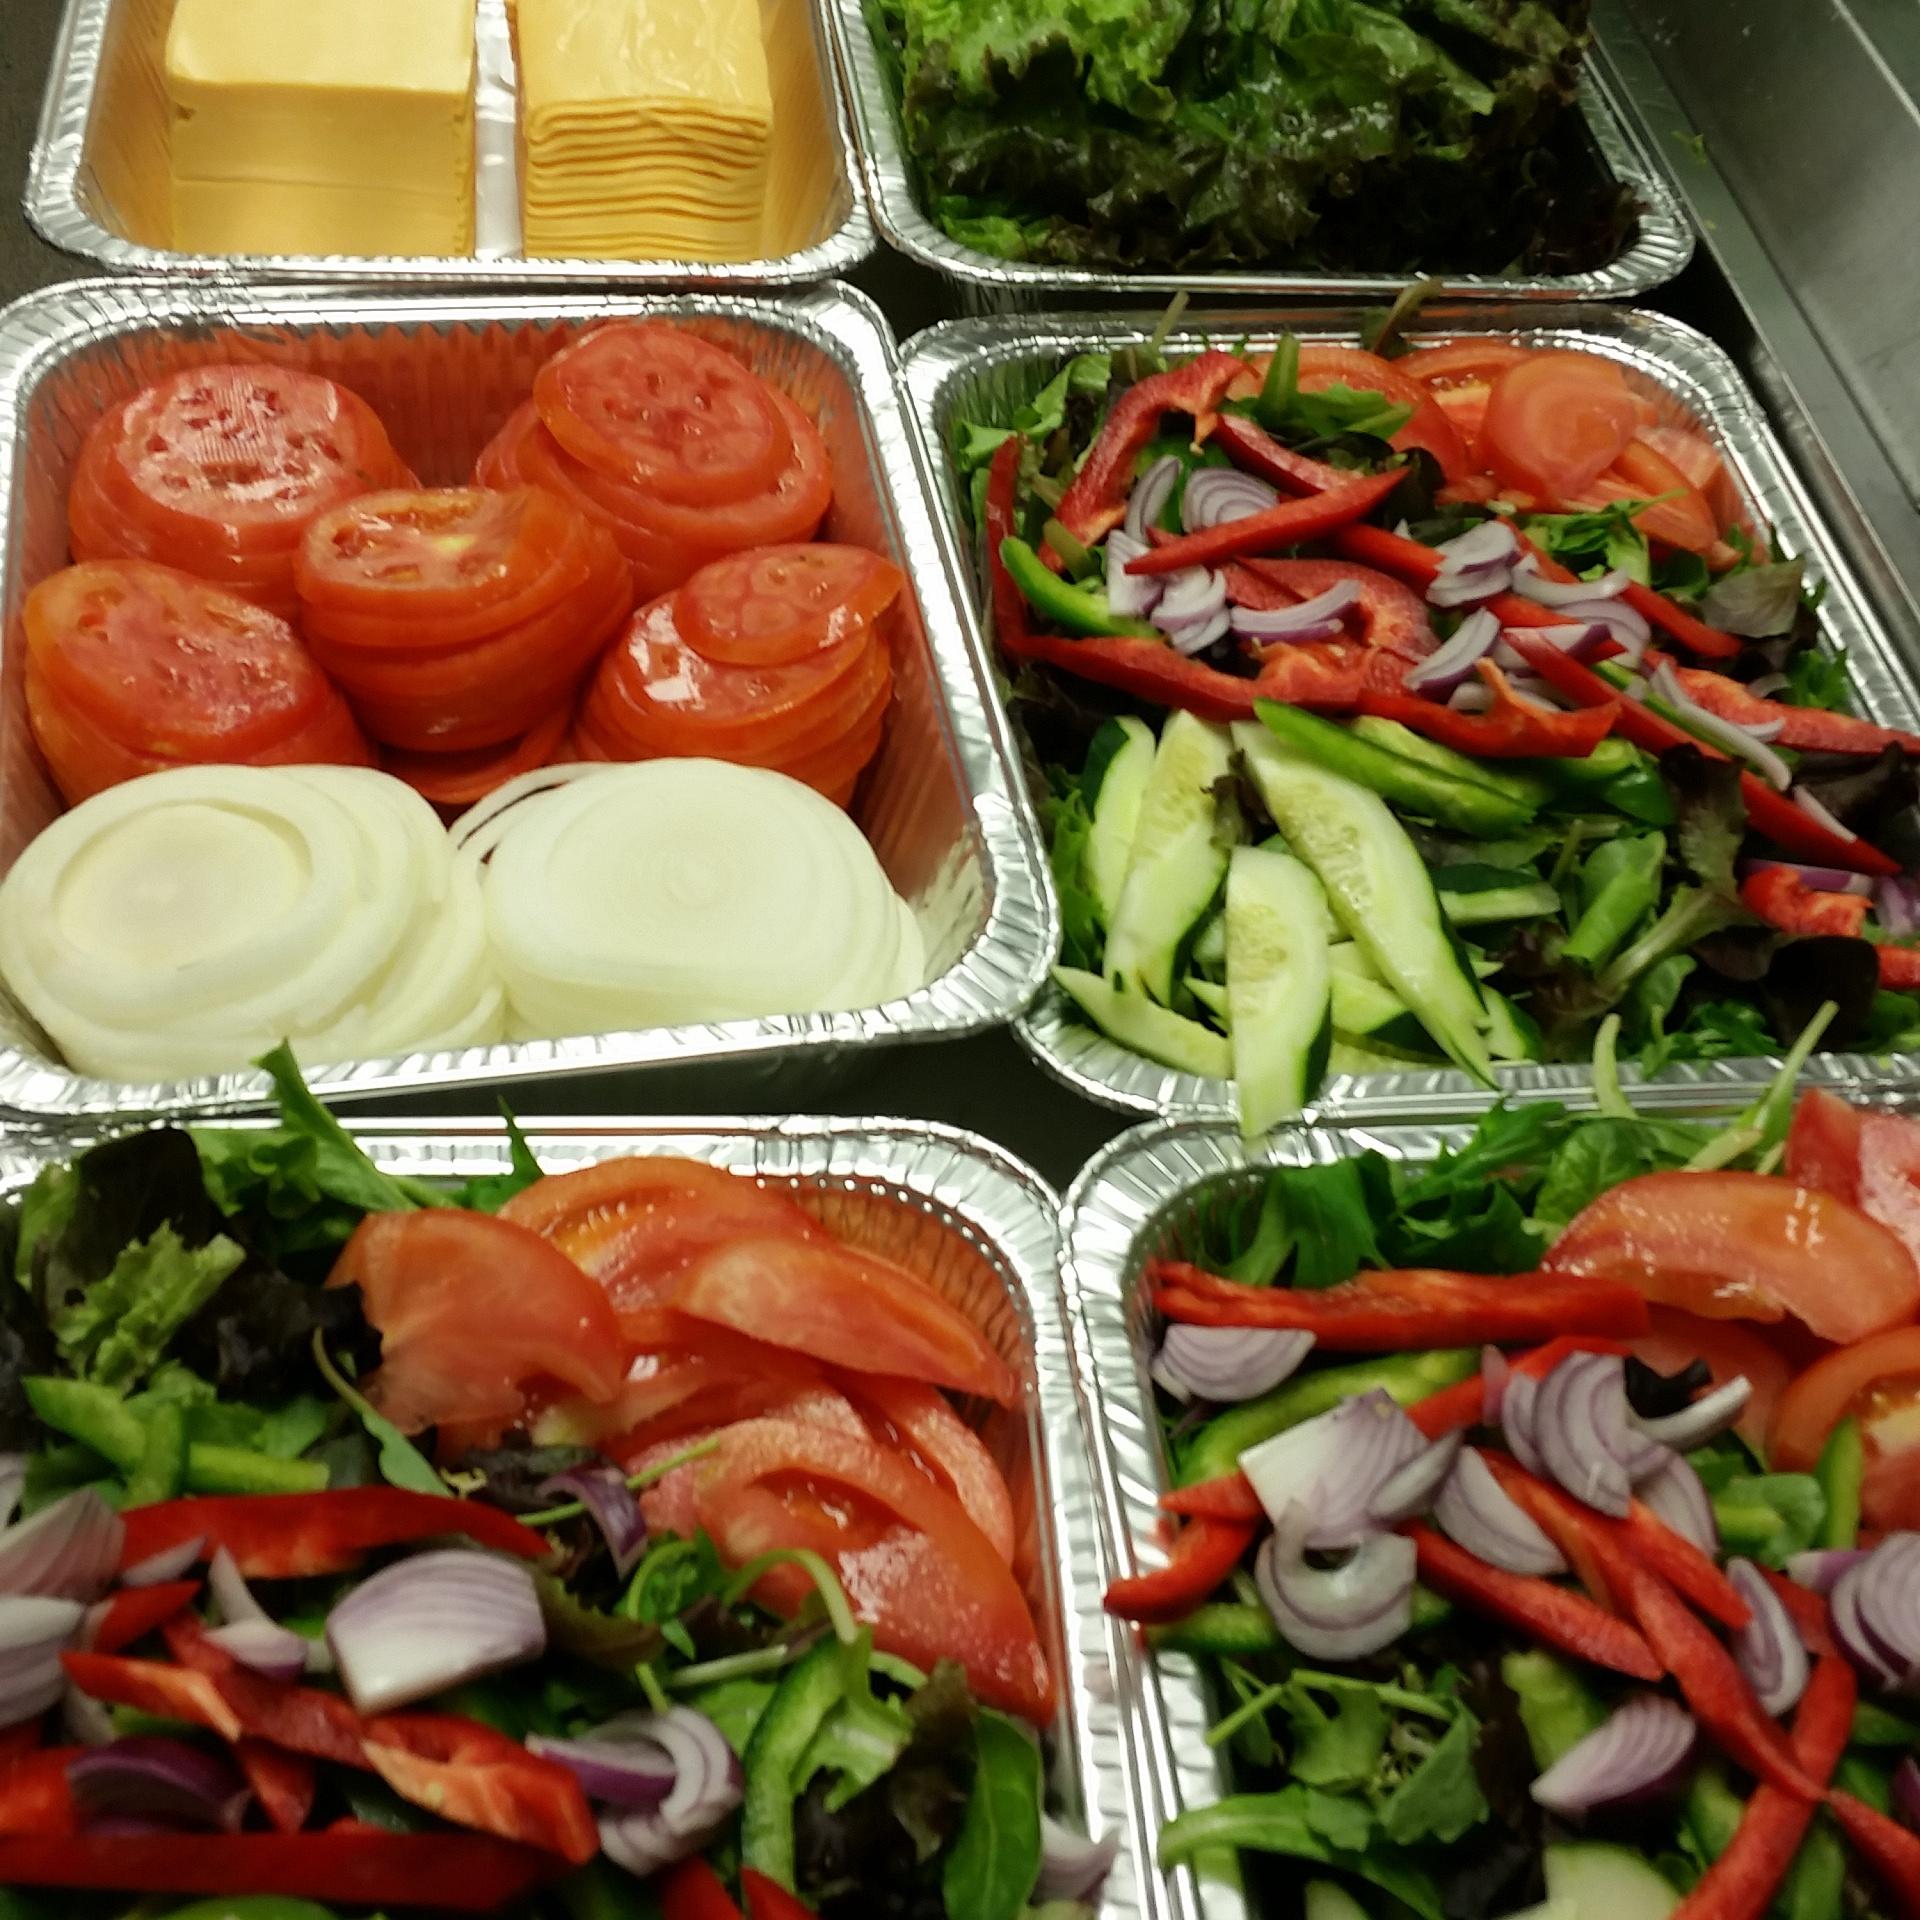 Salads & Burger set-ups